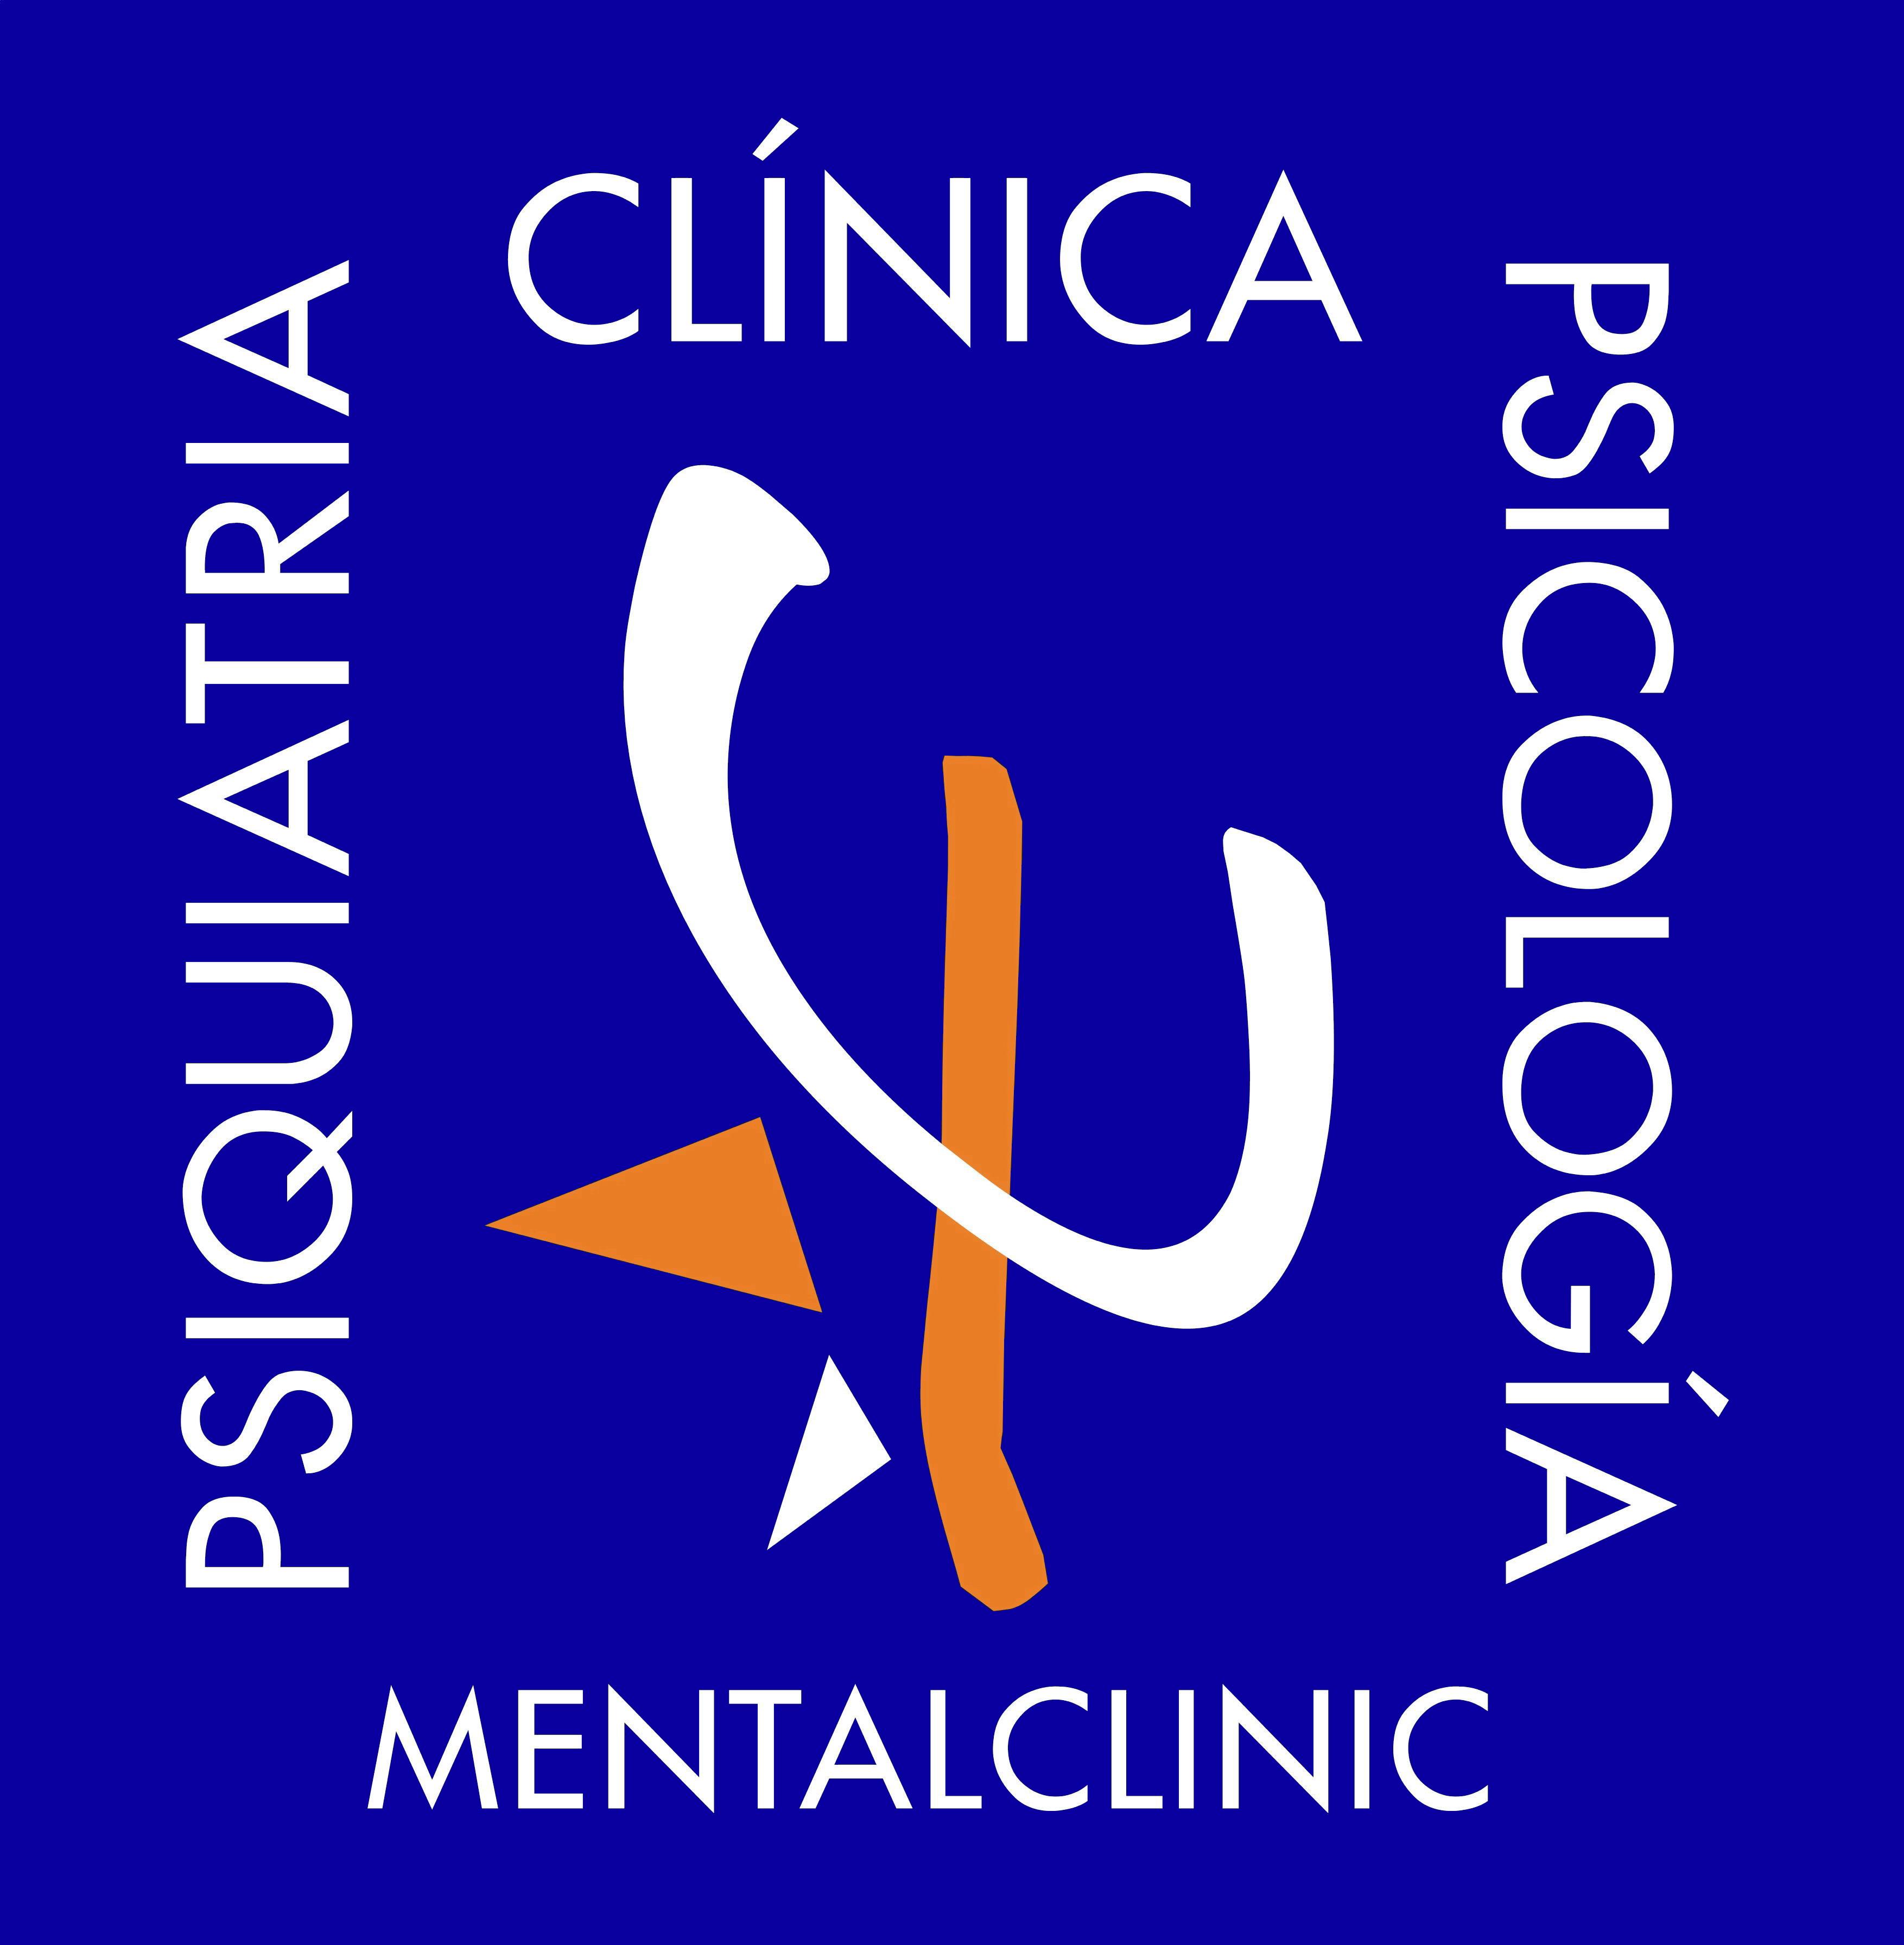 logo clinica azul